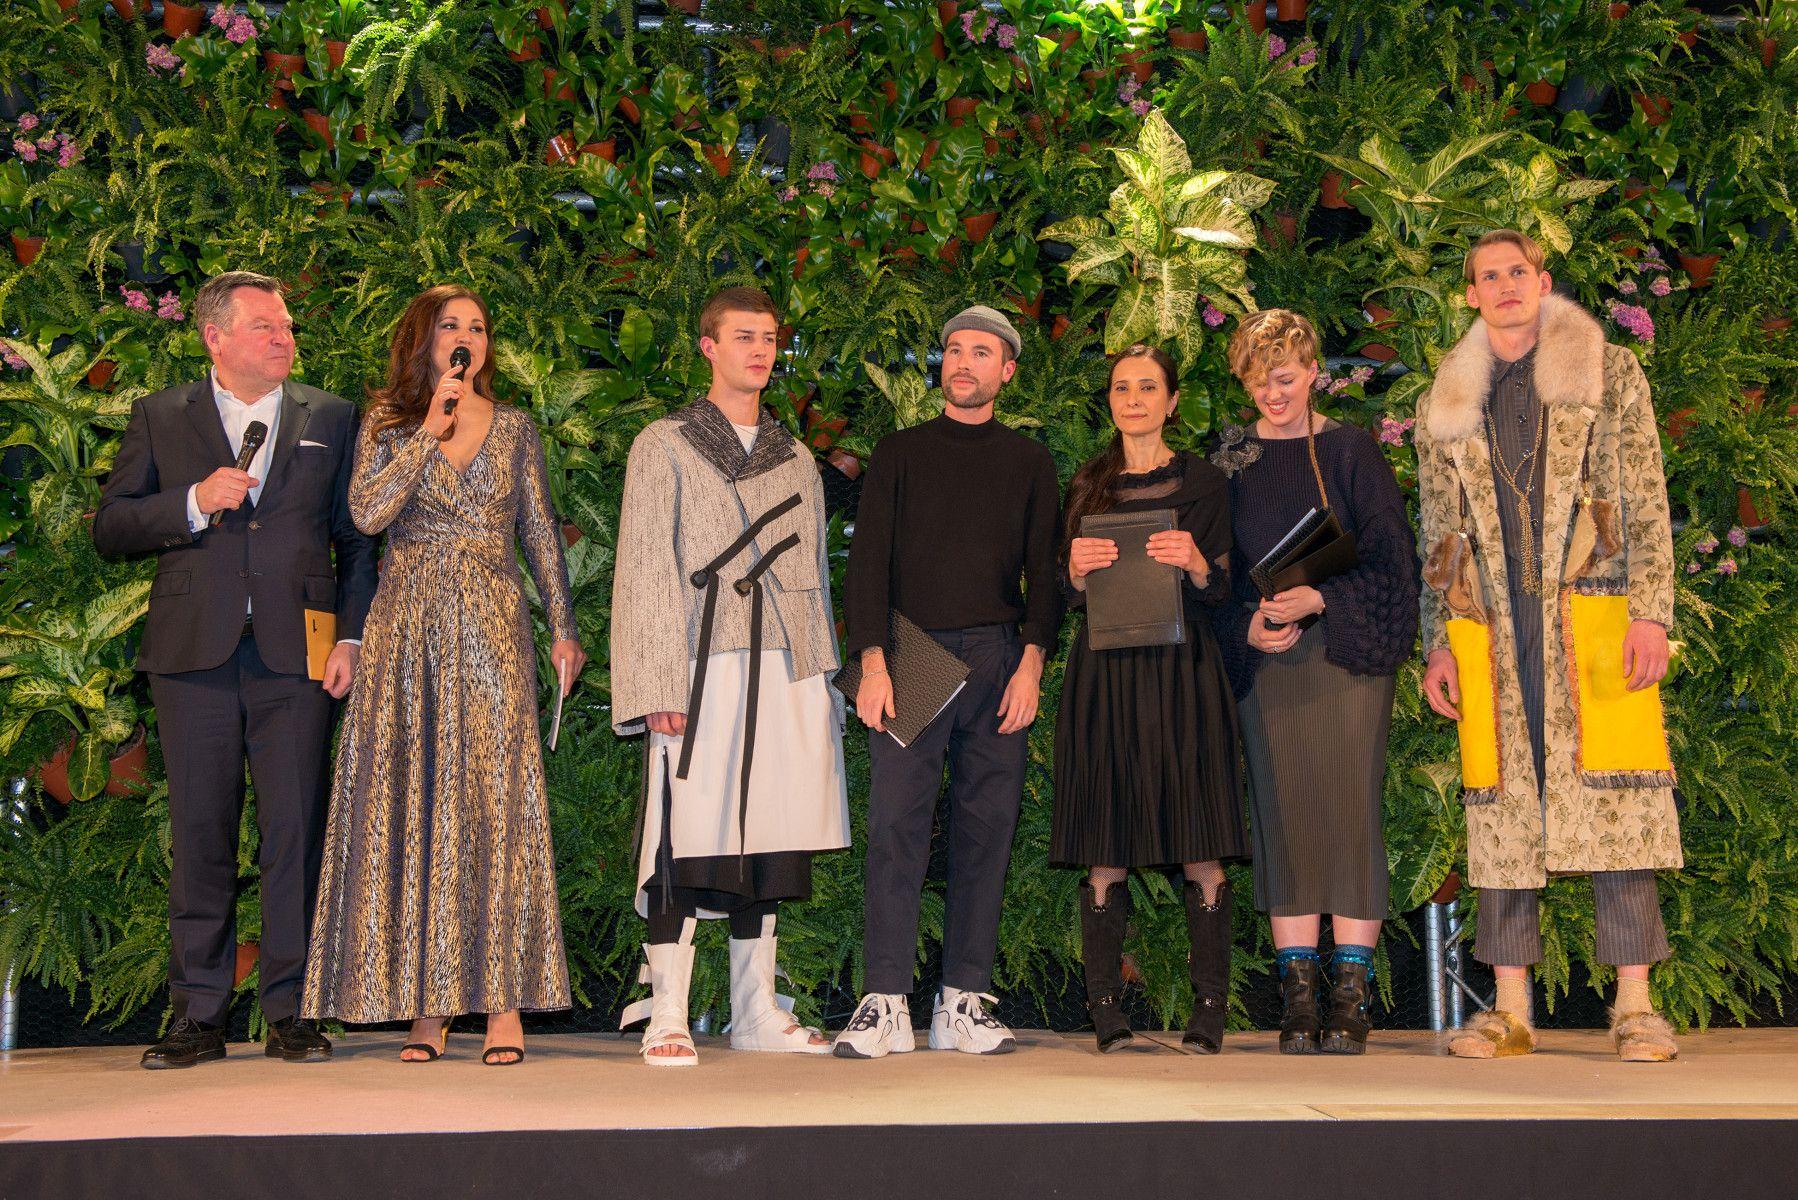 8ee5fedbfd ... Alle Preisträger Münchner beim Modepreis 2018 auf der Bühne mit  Bürgermeister Josef Schmid und Moderatorin Karen ...